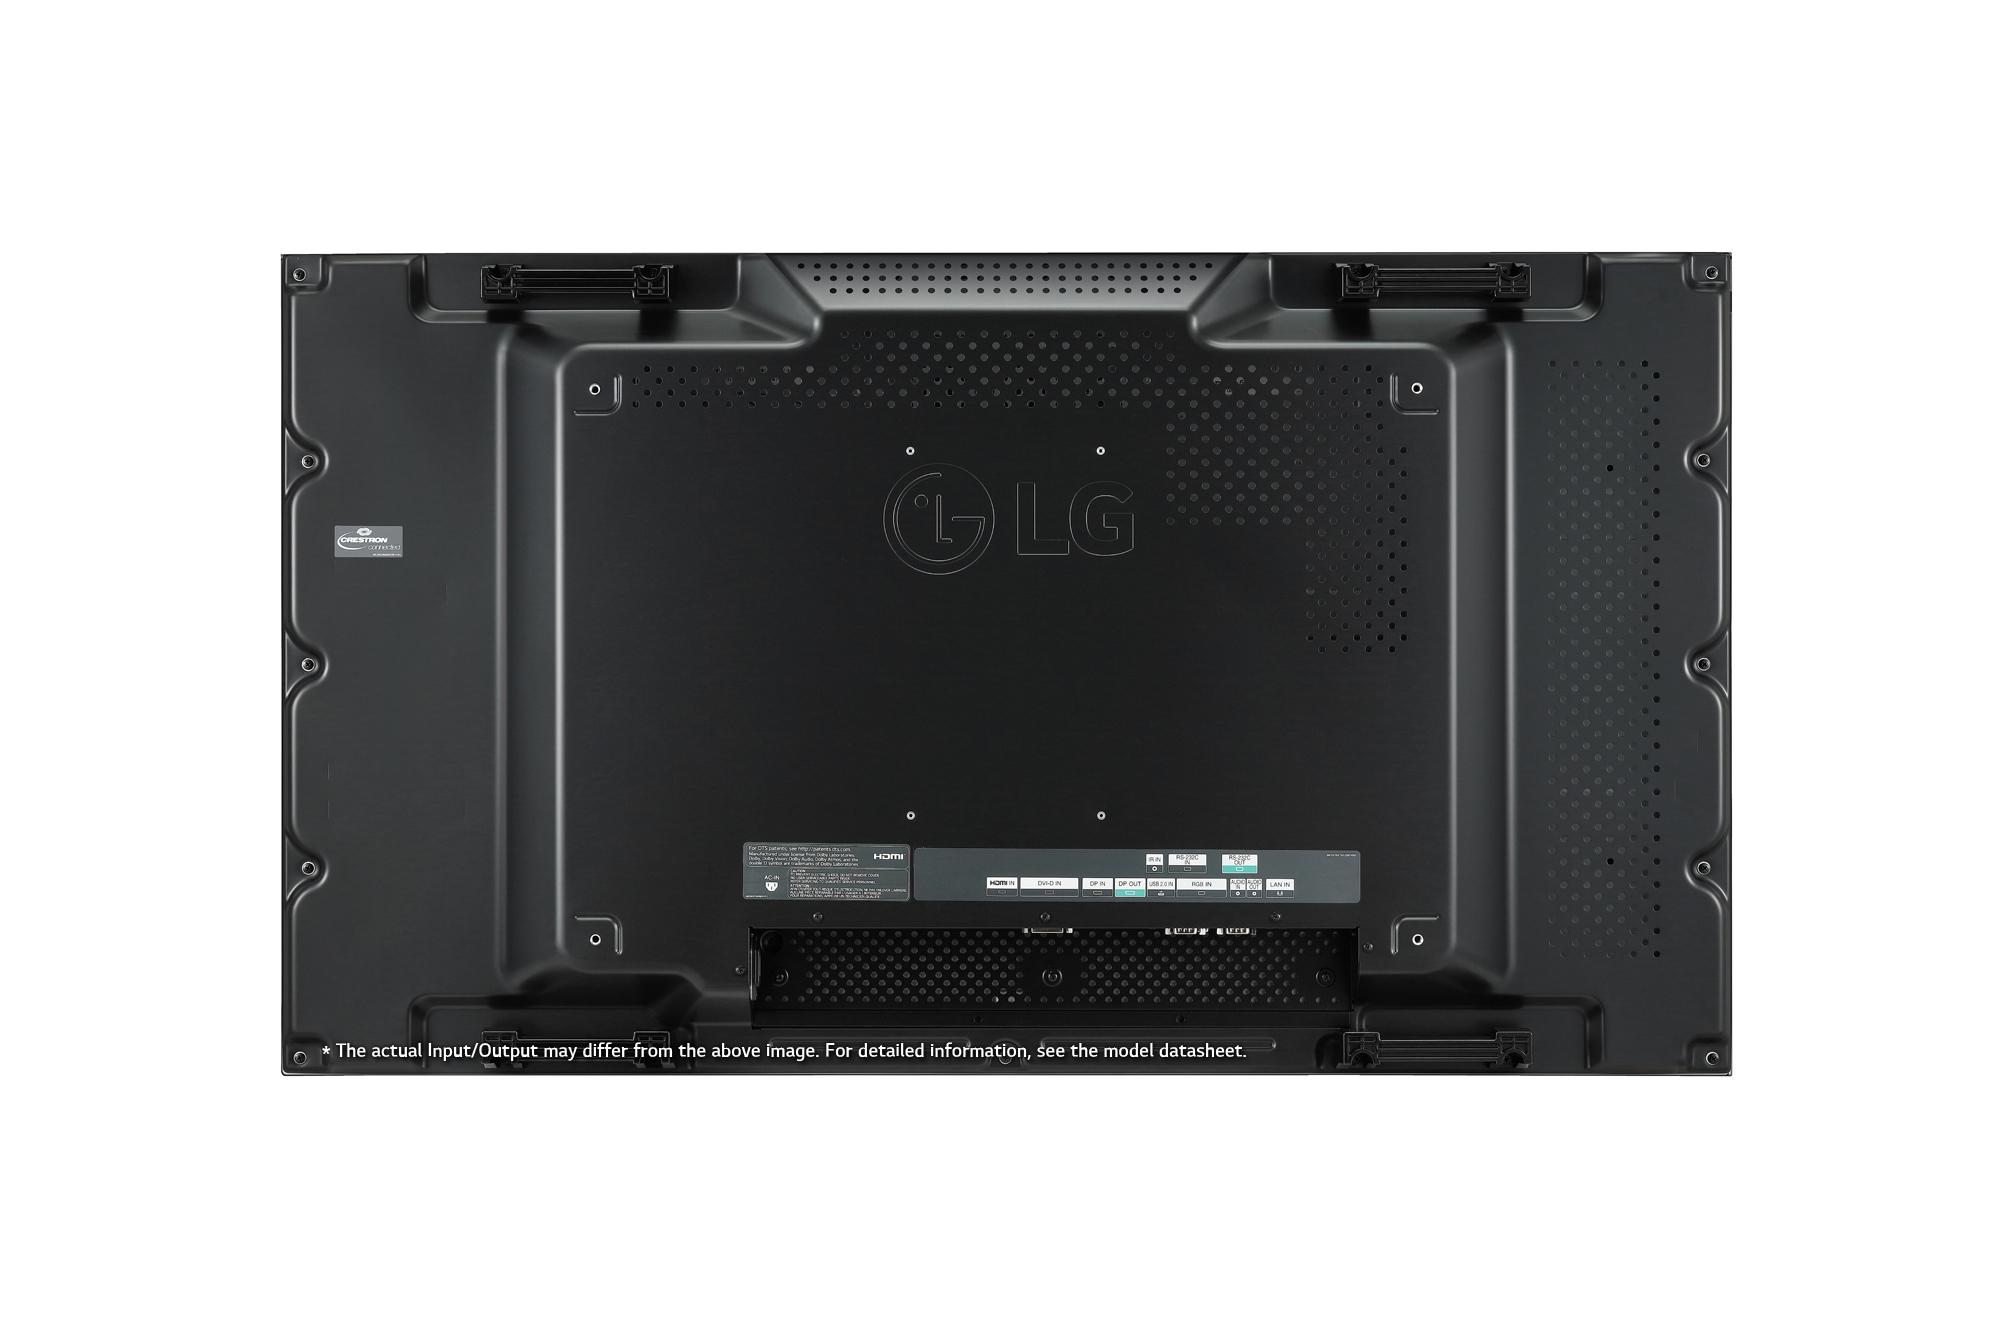 LG Video Wall 49VL7F-A 7